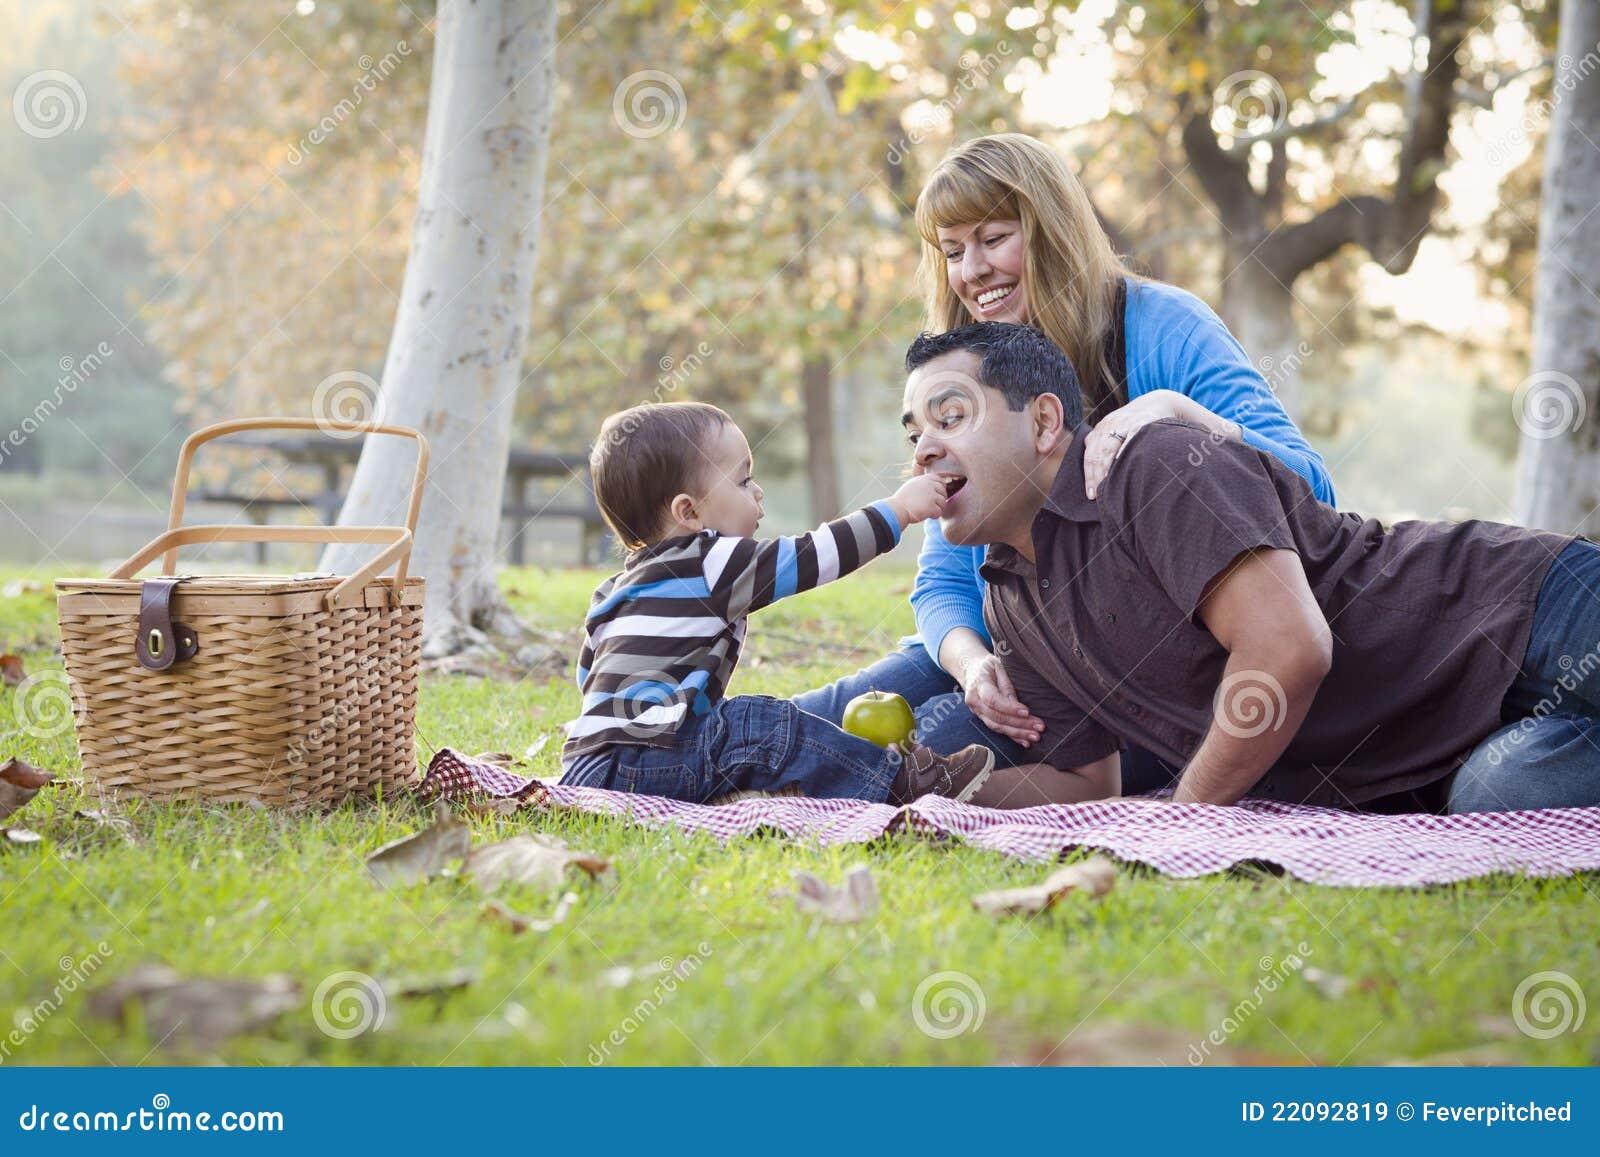 Μικτή εθνική οικογένεια φυλών που έχει Picnic στο πάρκο